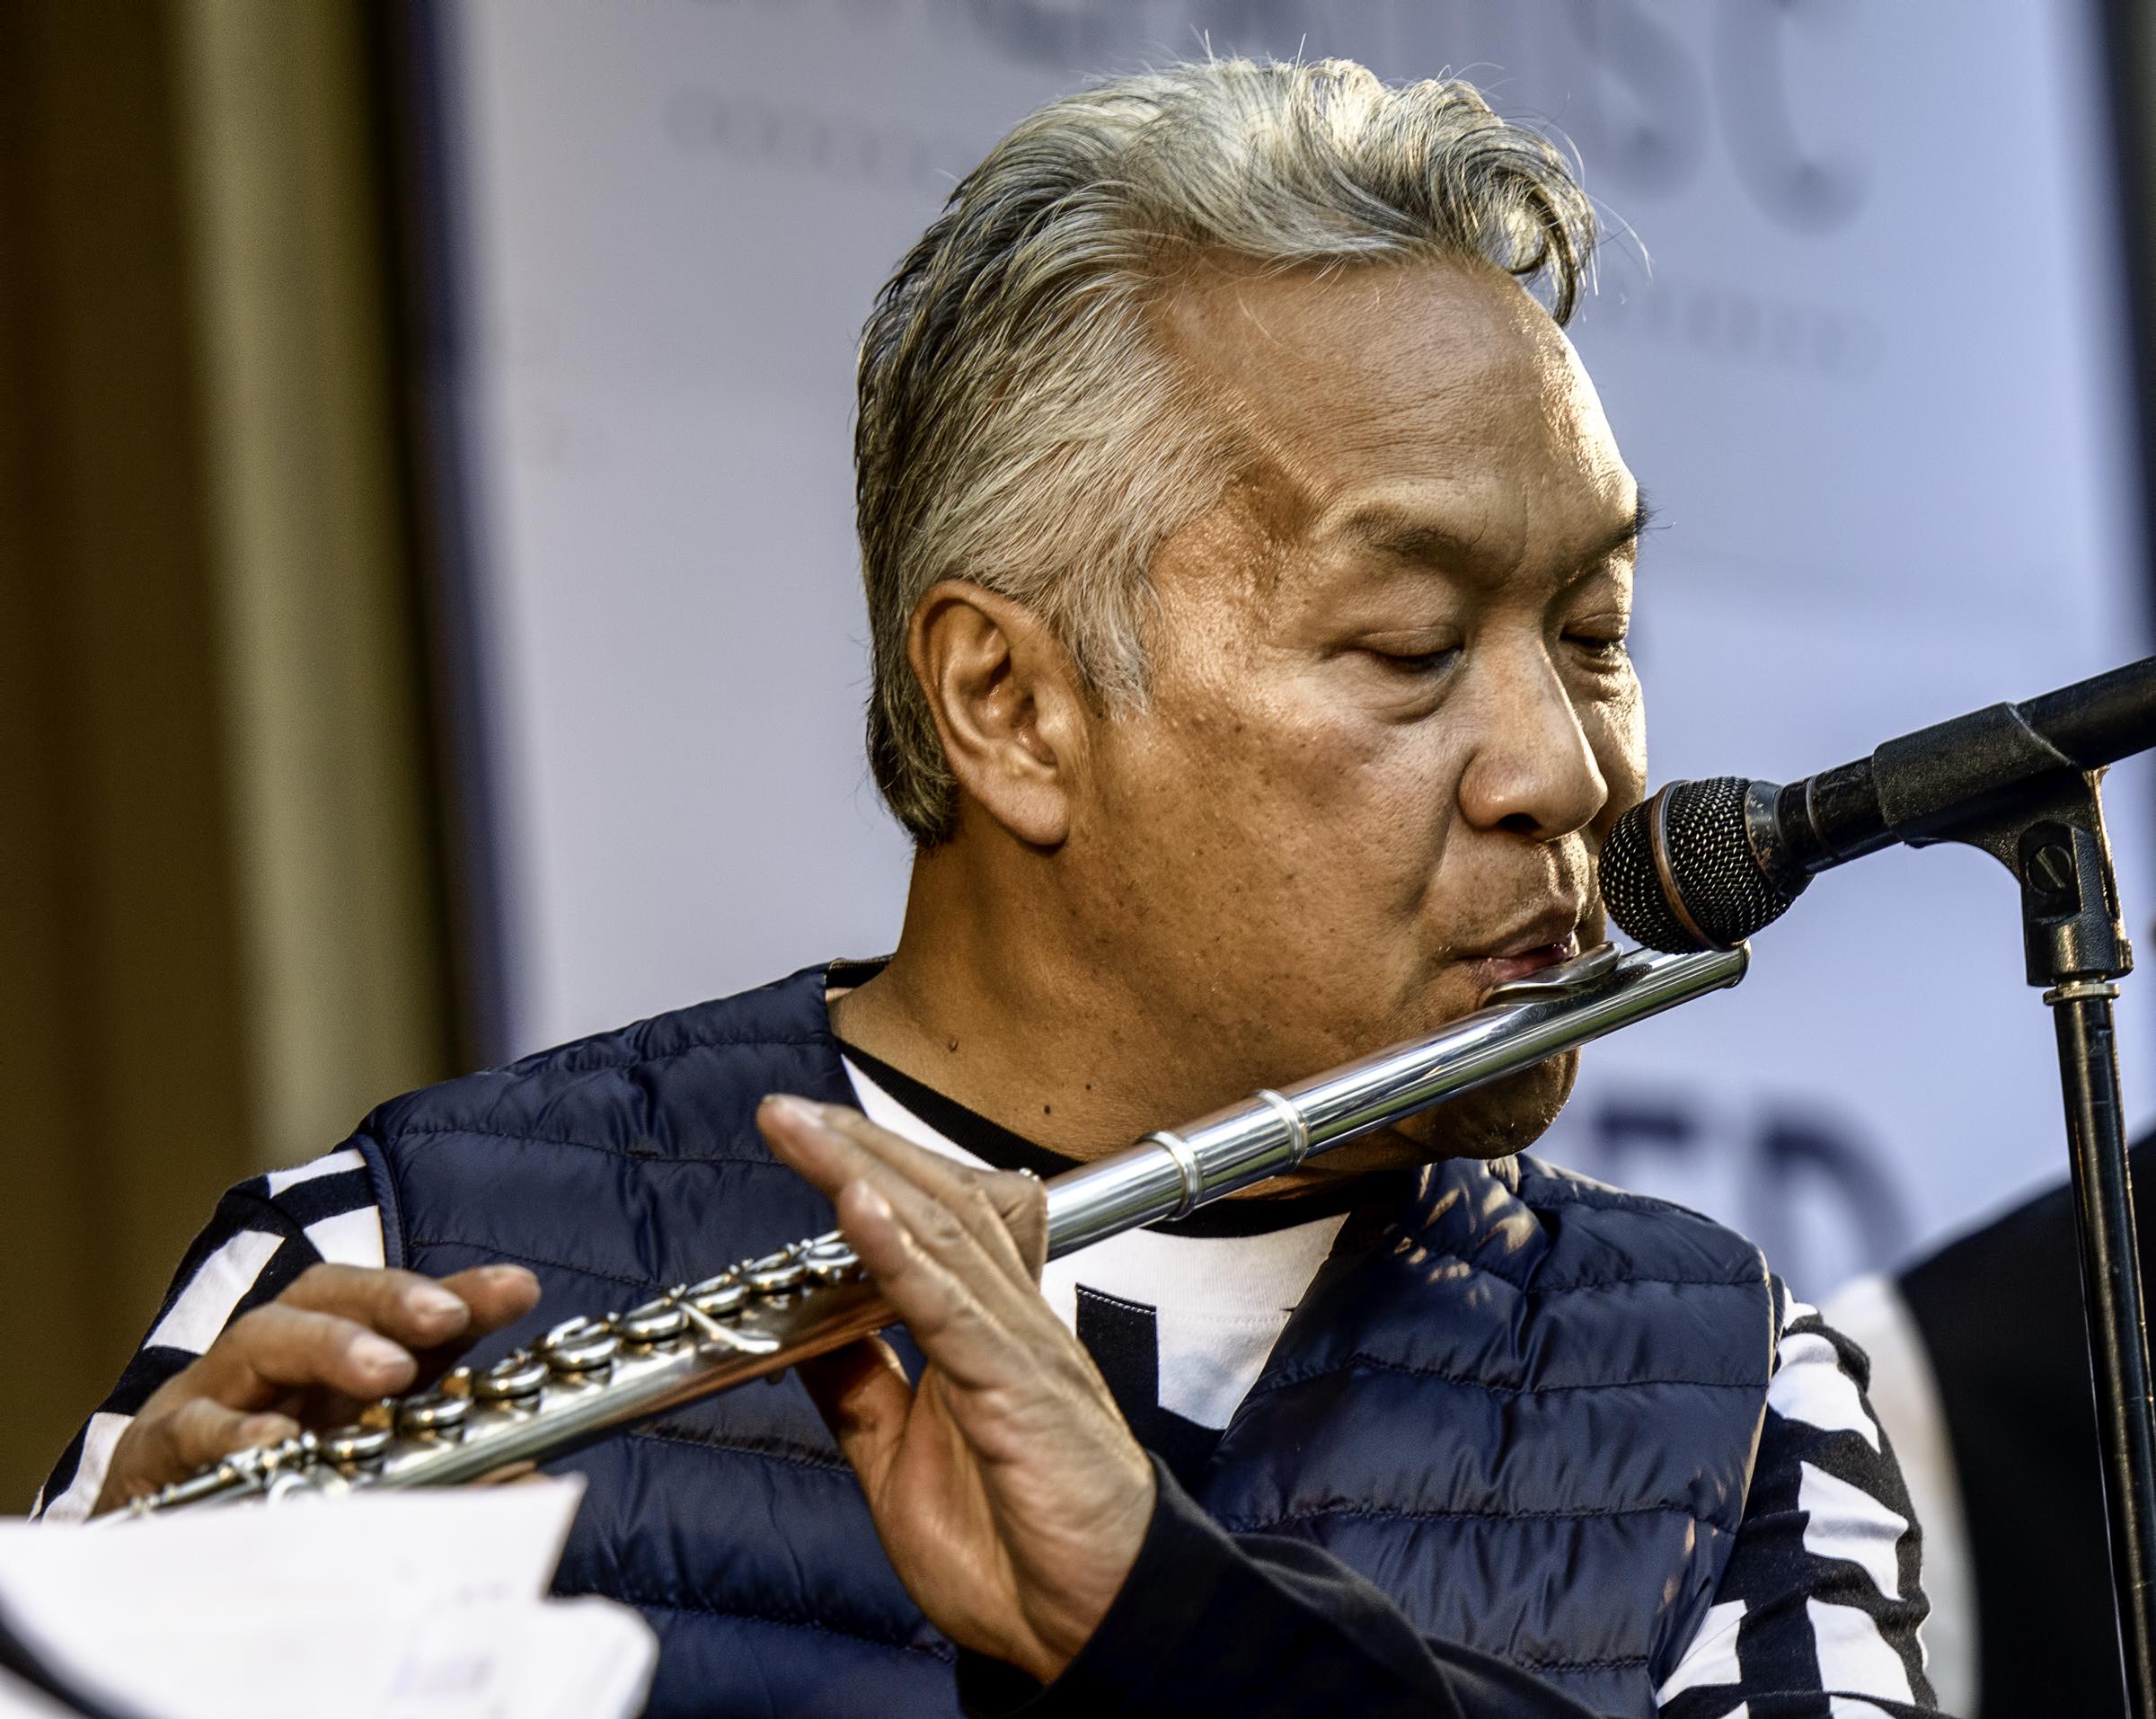 Melecio Magdaluyo with the Ray Obiedo Latin Jazz Project at the Monterey Jazz Festival